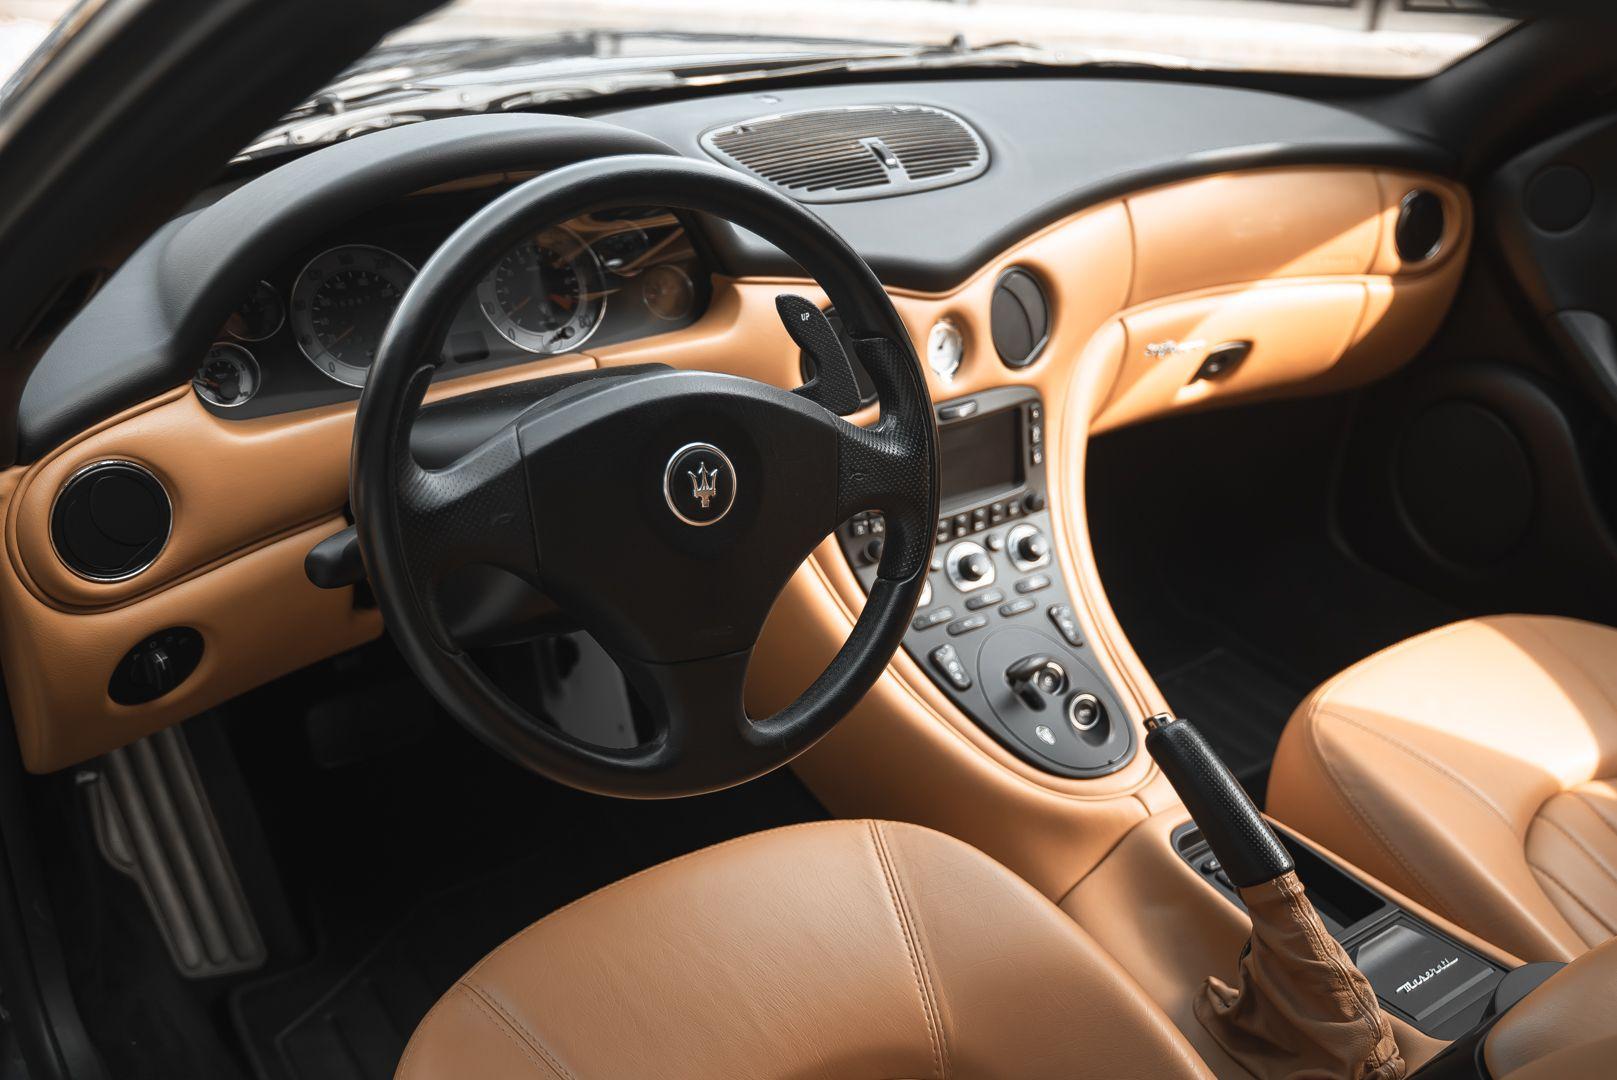 2003 Maserati Spyder 4.2 Cambiocorsa 82956